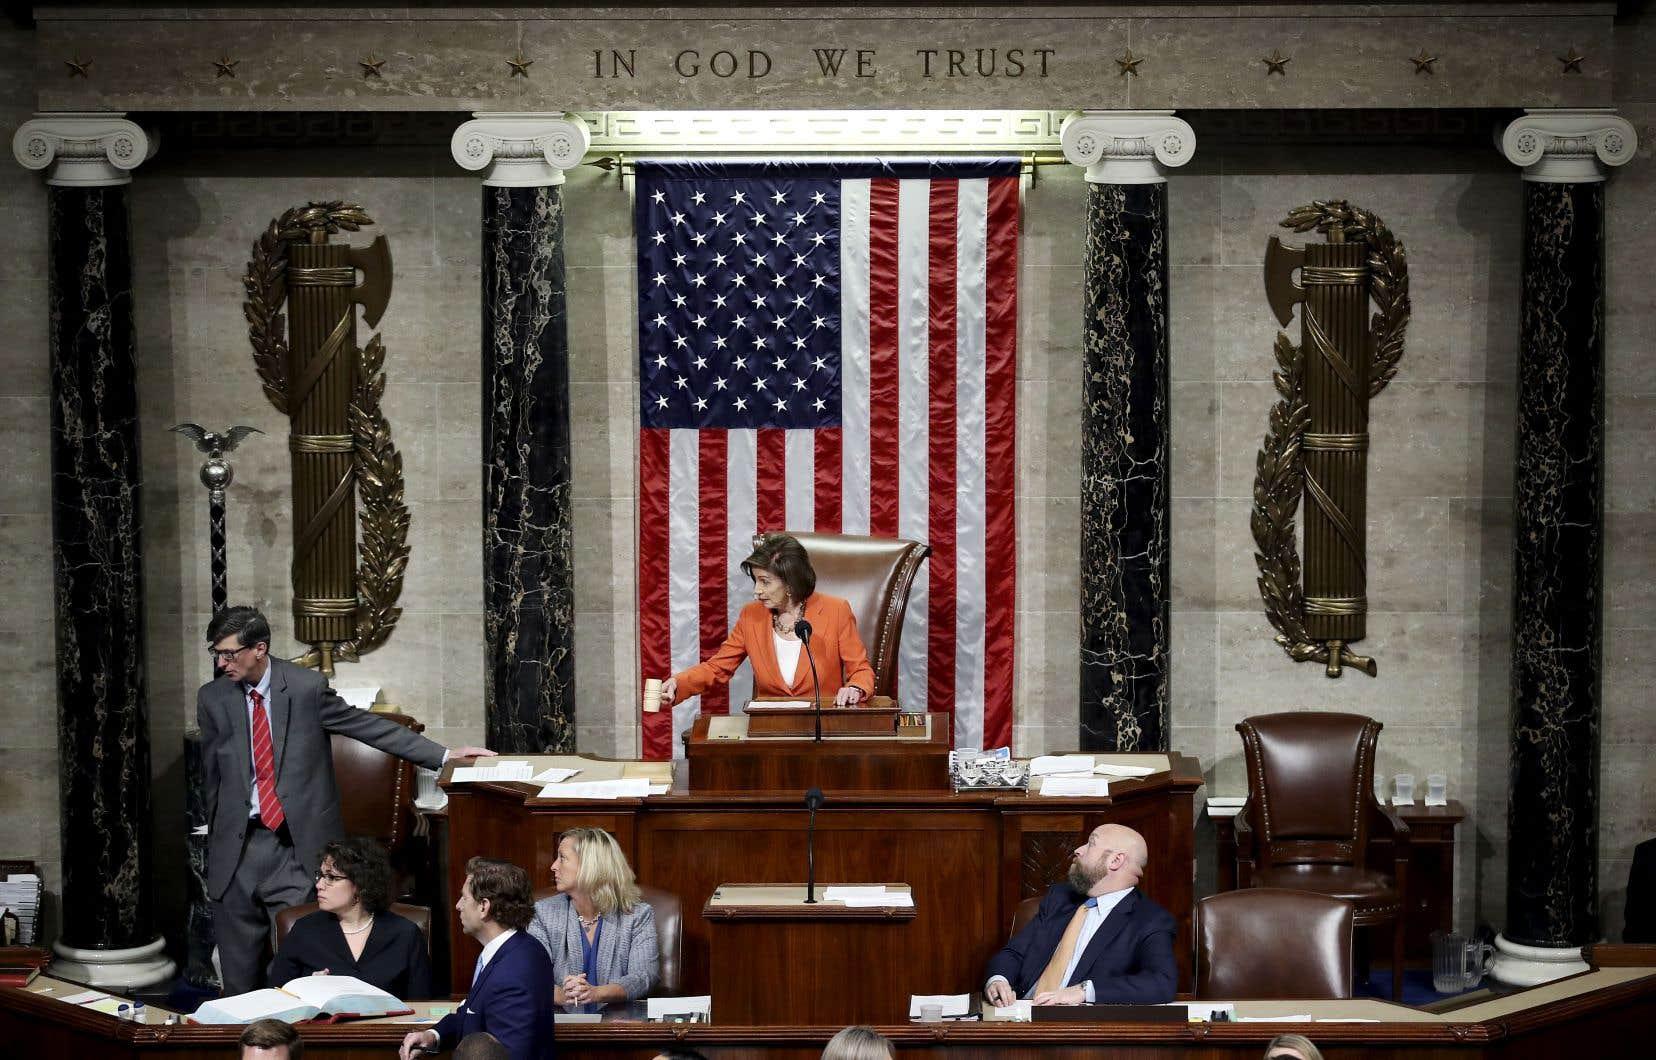 La présidente de la Chambre des représentants, Nancy Pelosi, annonce la clôture du vote sur une résolution officialisant l'enquête contre le président Donald Trump.